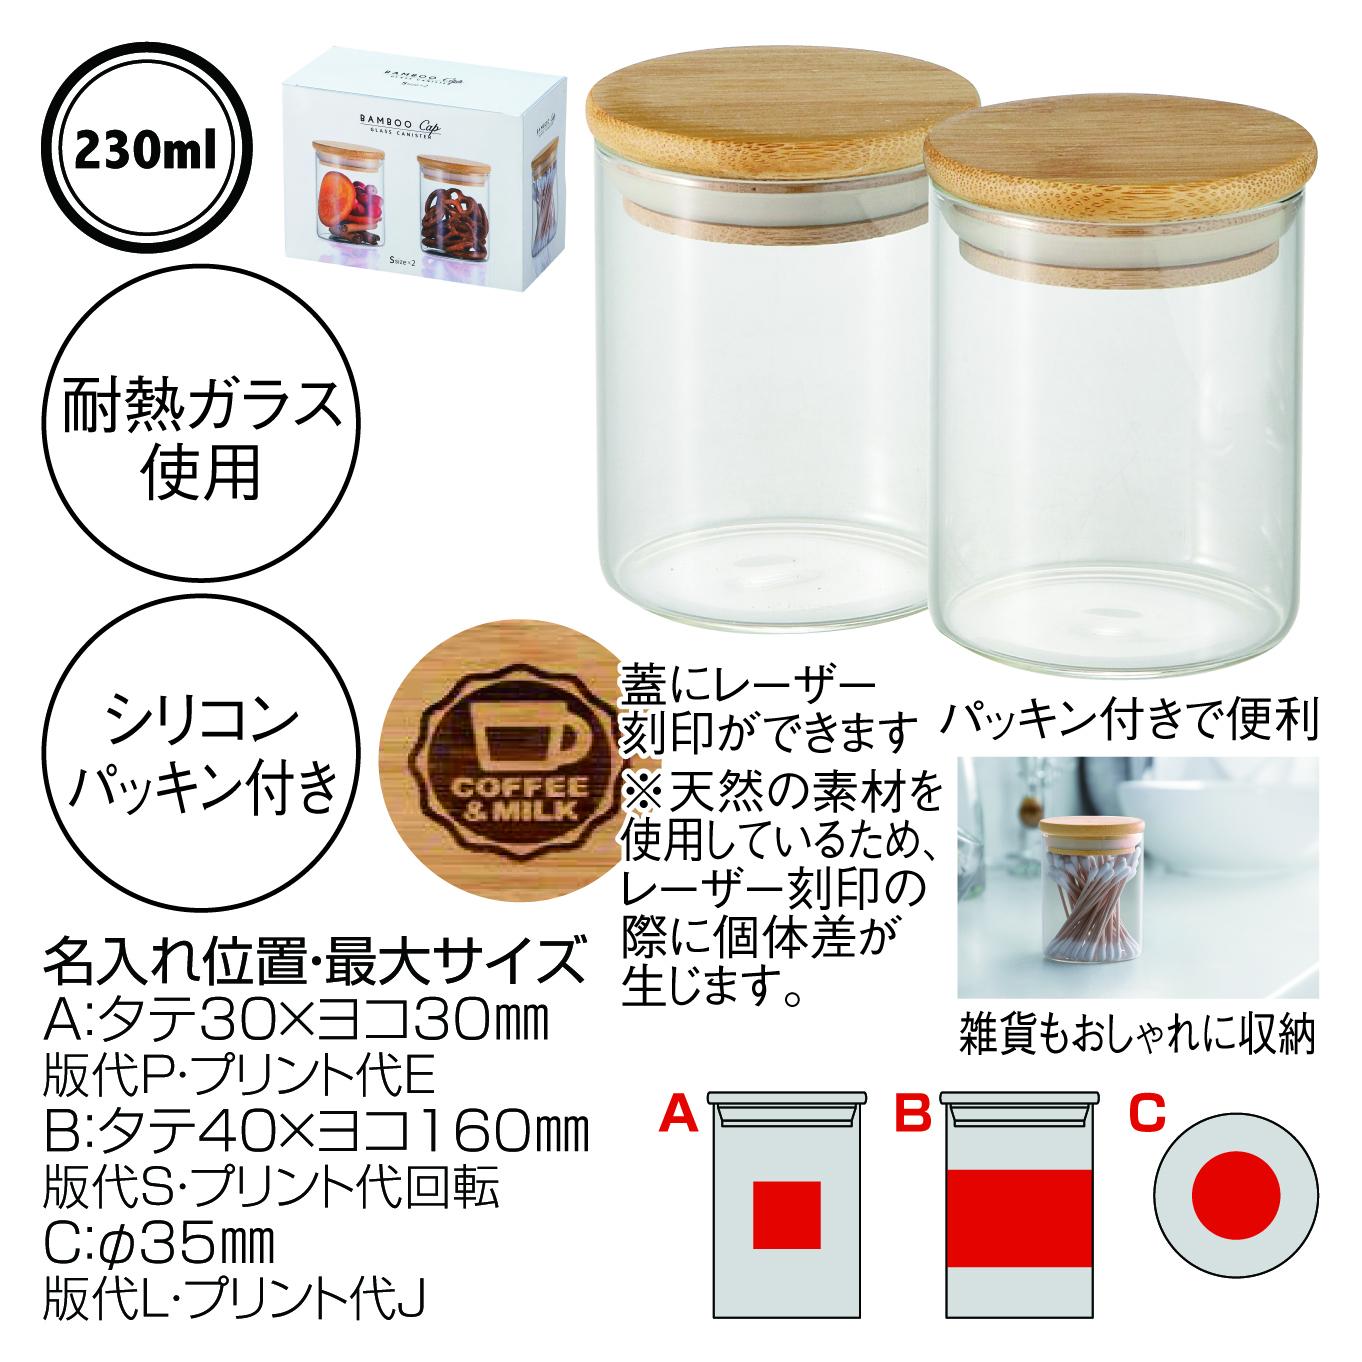 バンブーキャップ ガラスキャニスター(S)2Pセット